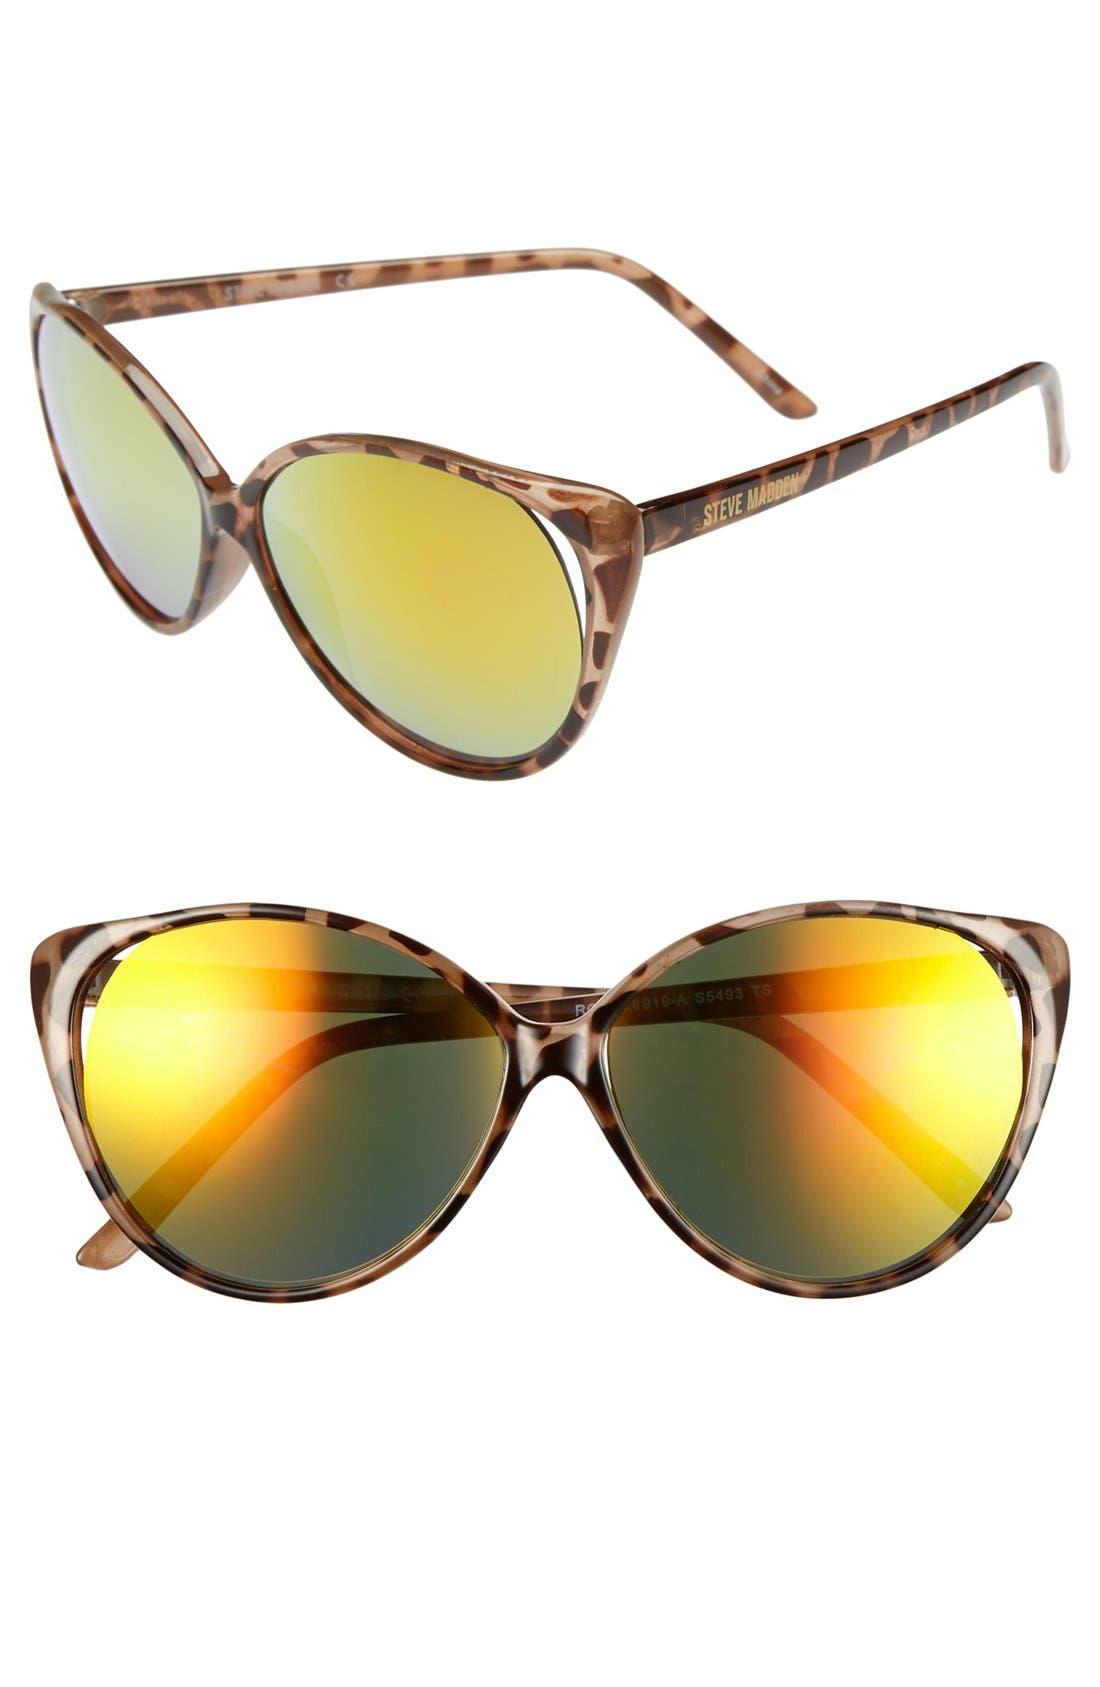 Main Image - Steve Madden 60mm Vented Cat Eye Sunglasses